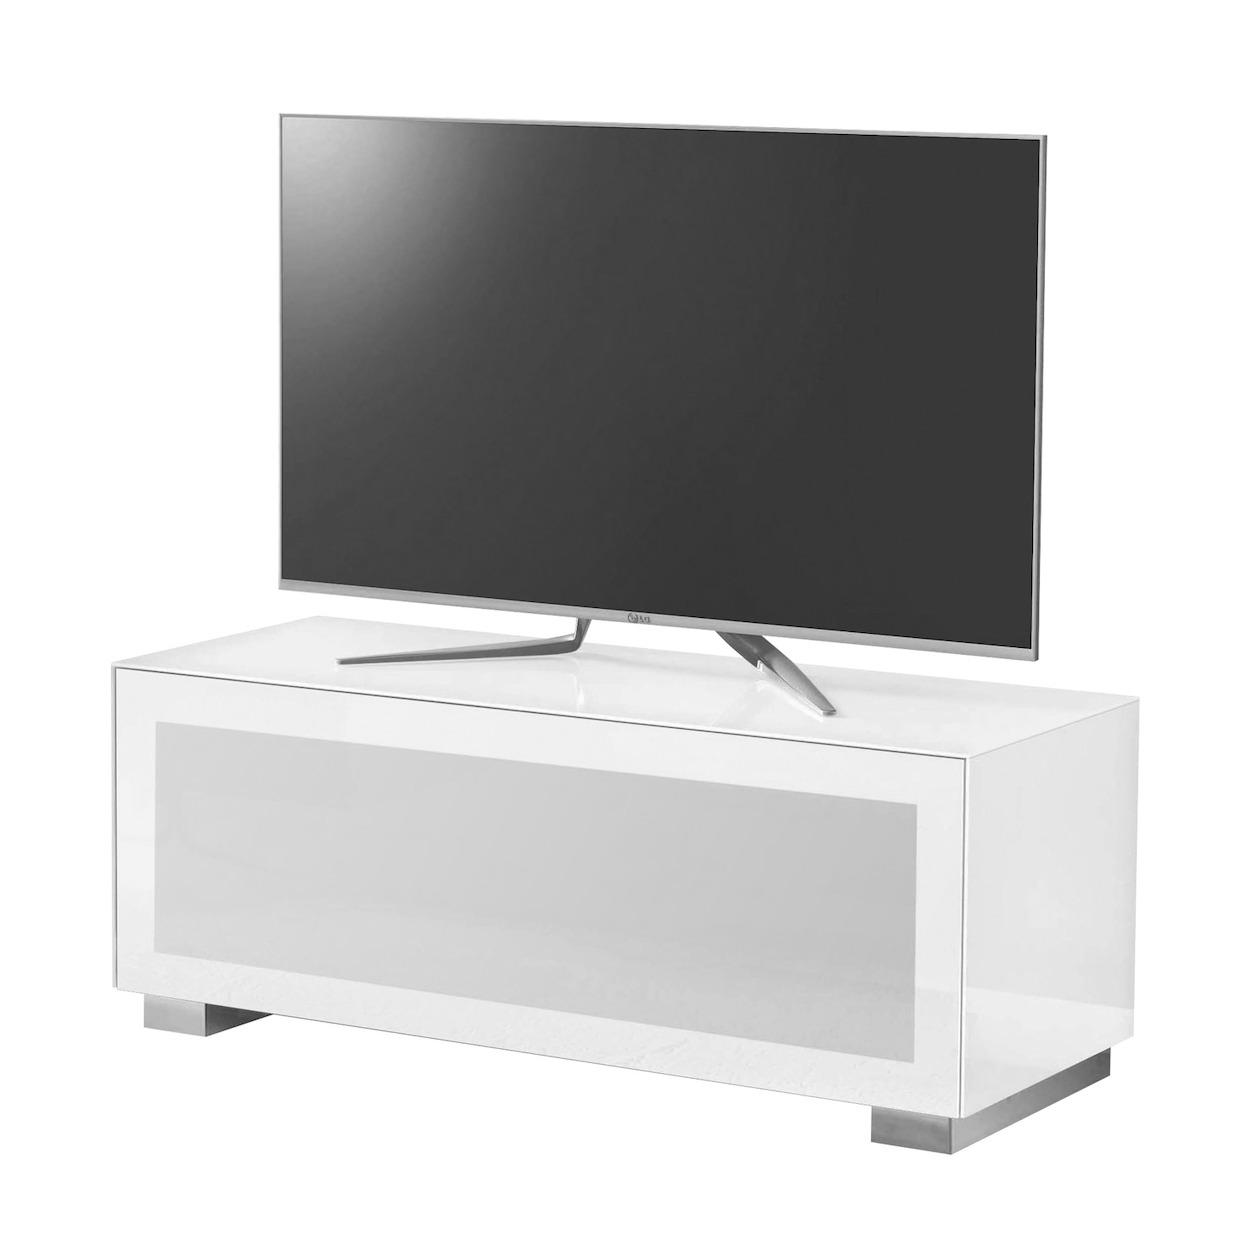 Afbeelding van Aldenkamp tv meubel MG125 BI BI wit